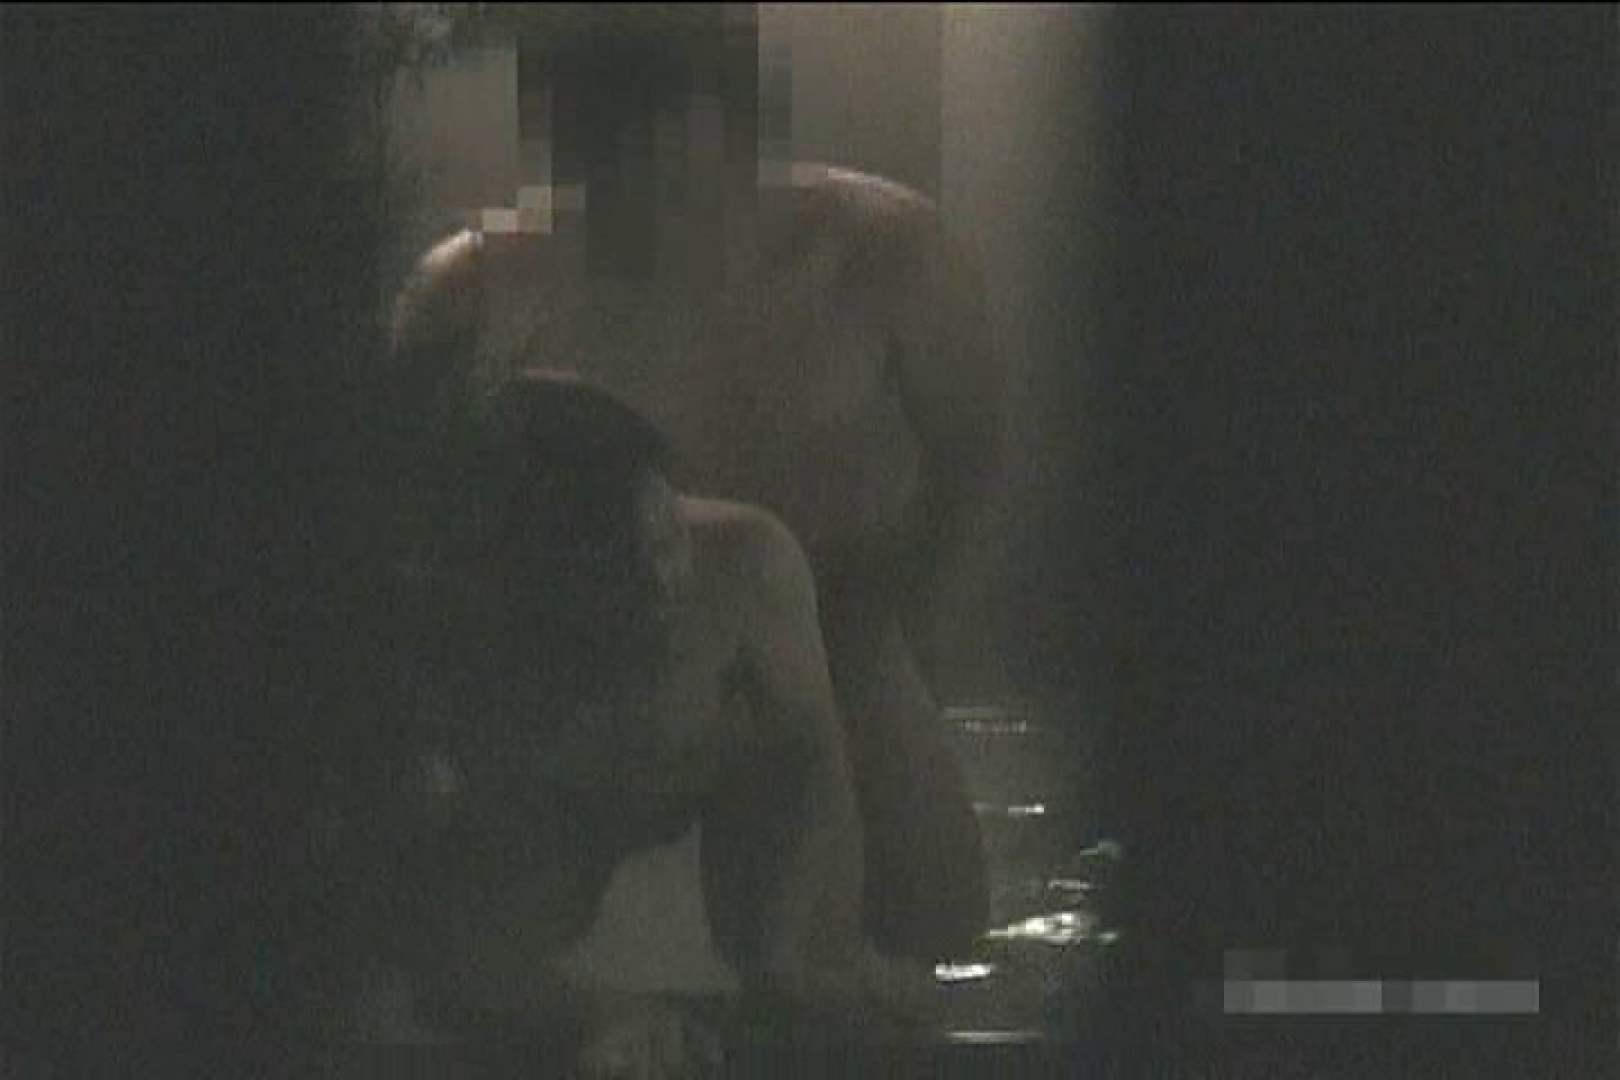 全裸で発情!!家族風呂の実態Vol.1 全裸 盗撮AV動画キャプチャ 108連発 24